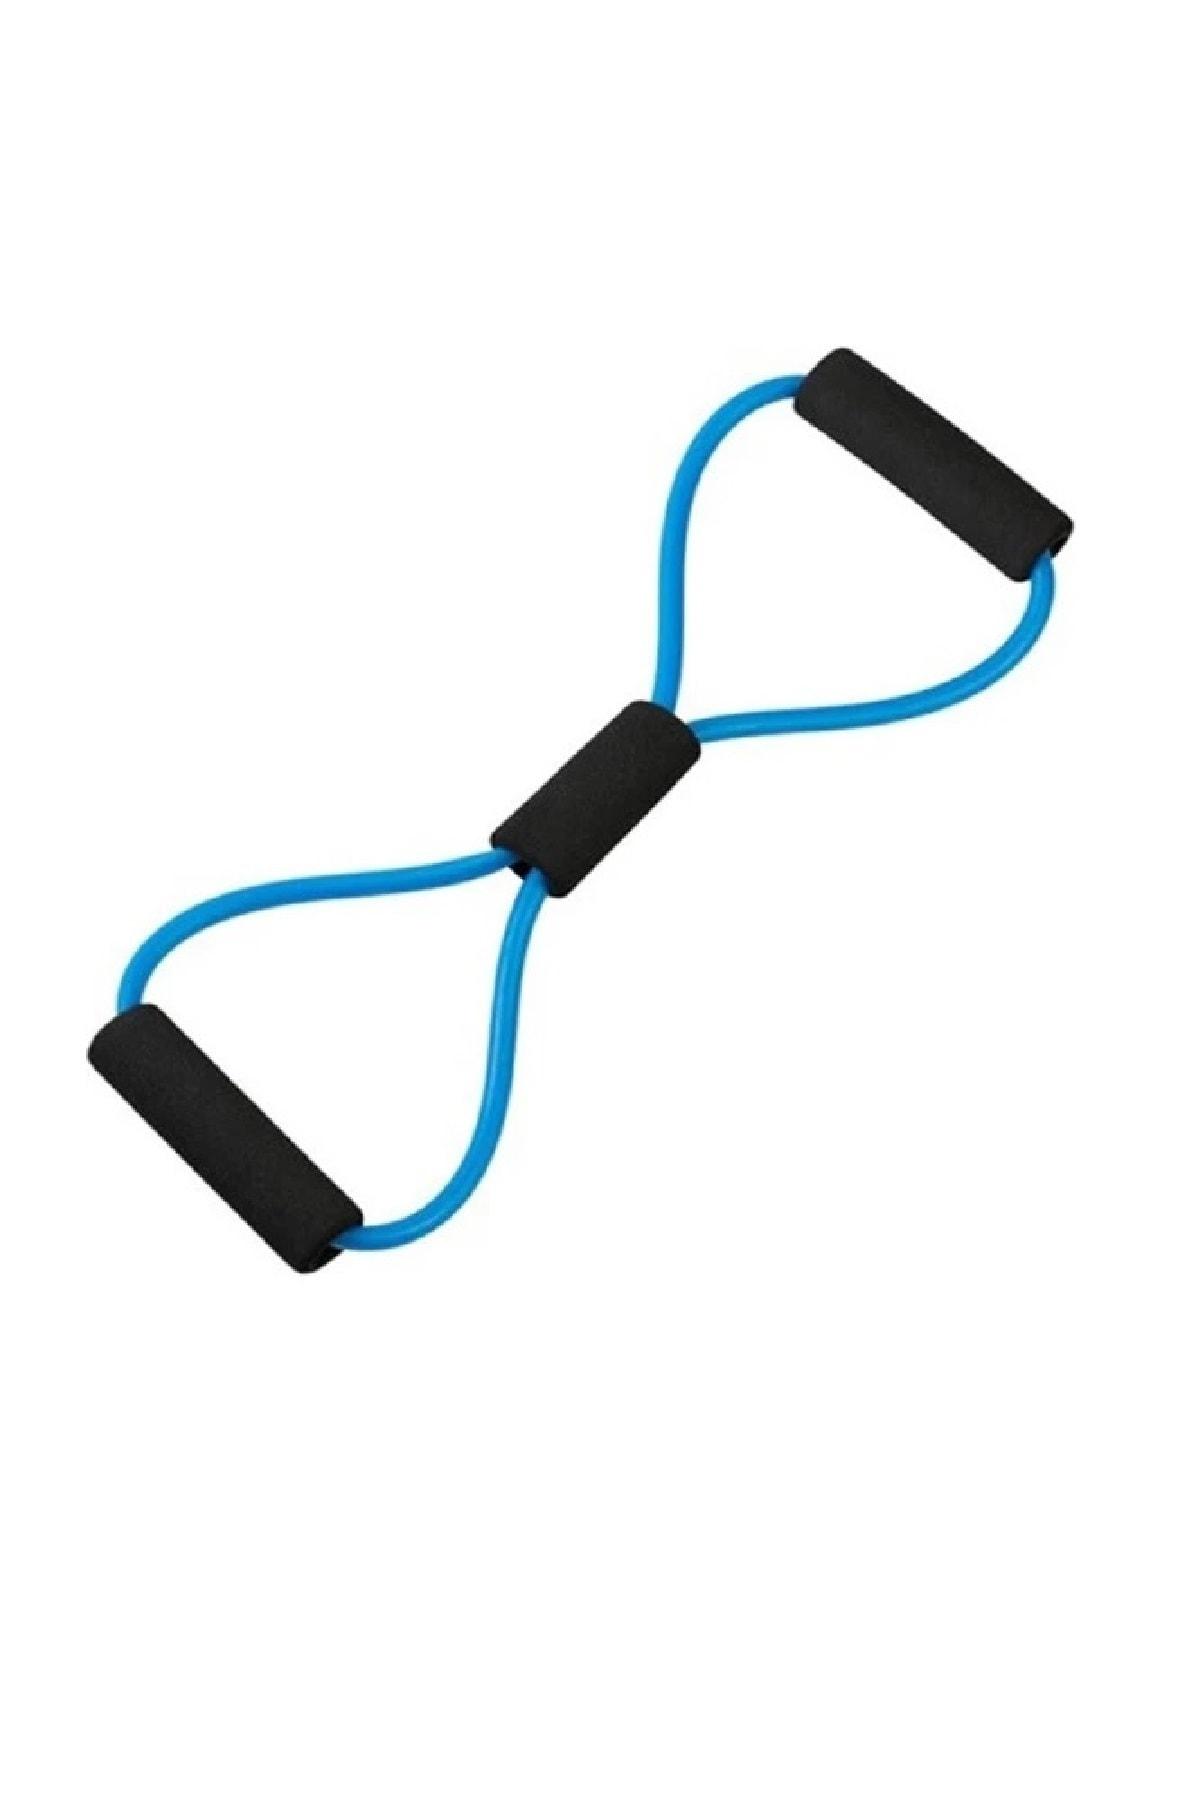 AVESSA Ayak Göğüs Lastiği Pilates Yoga Egzersiz Direnç Jimnastik Lastiği 2